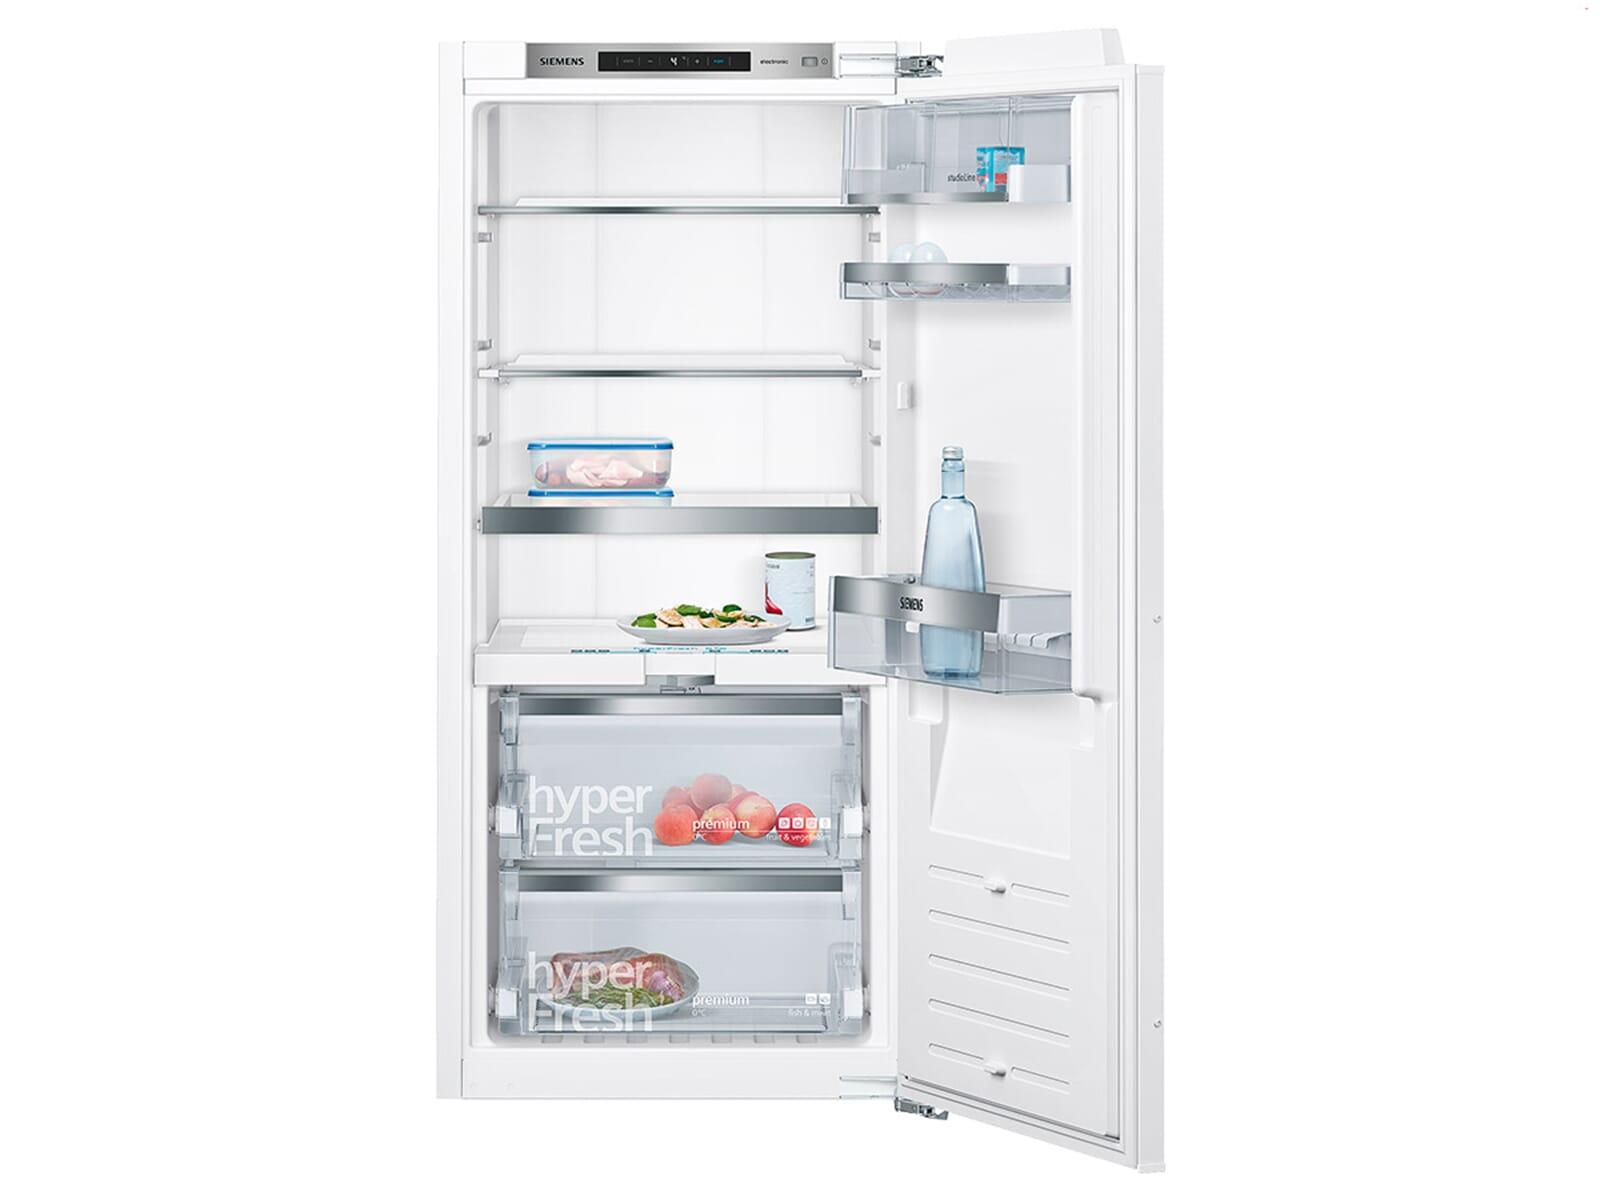 Siemens Kühlschrank Hersteller : Siemens studioline ki fsd einbaukühlschrank